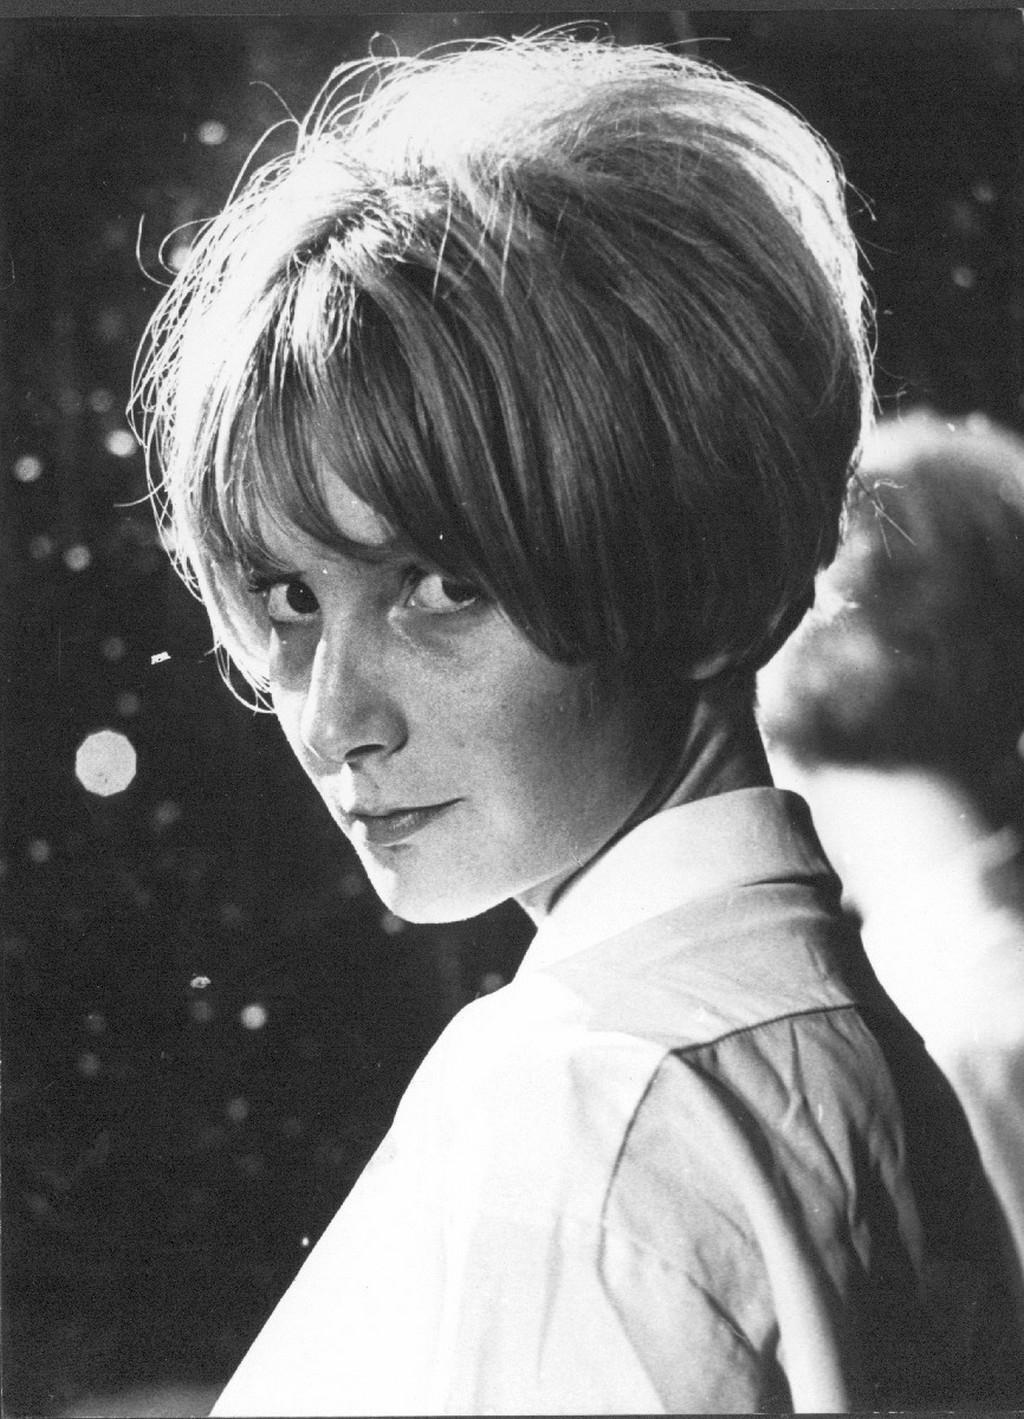 Portrét herečky Daniely Kolářové. Foto: Autor neznámý, 70. léta 20. století, Fotografický fond IDU